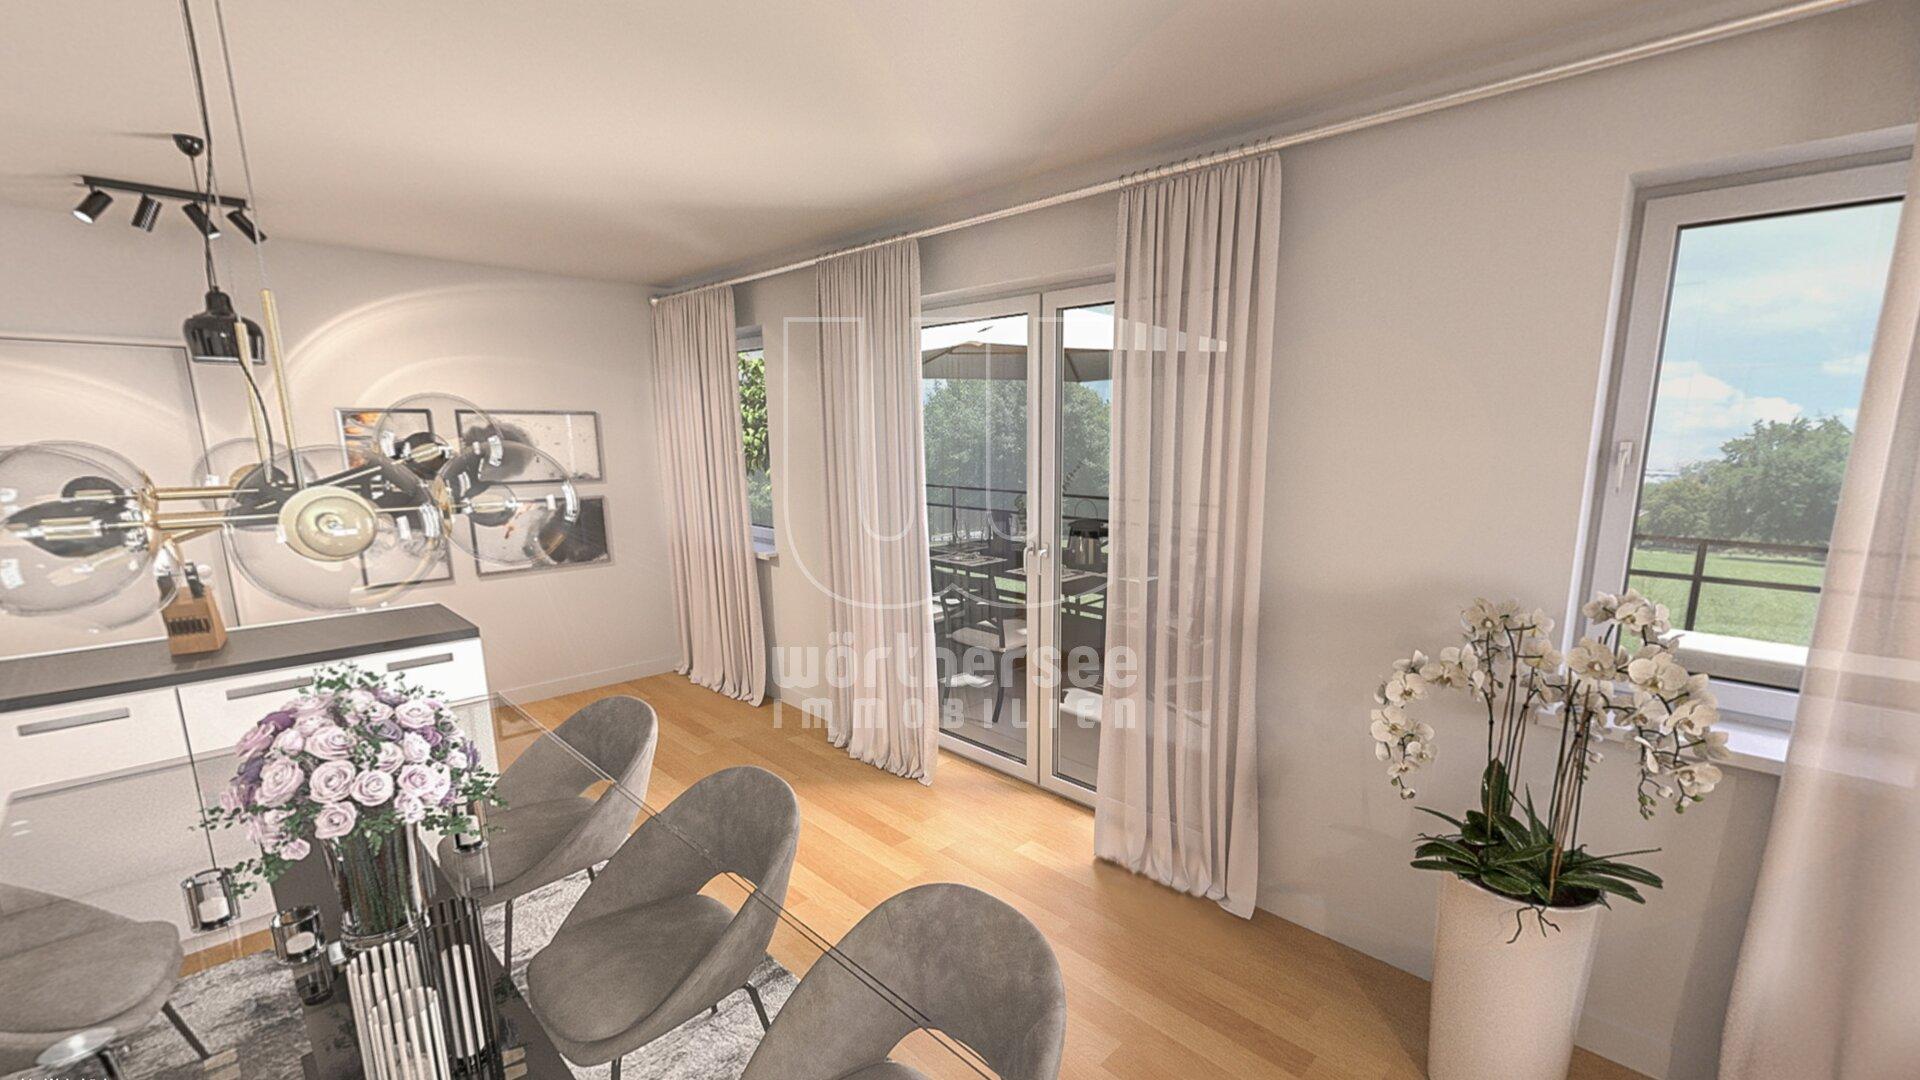 PH-Wohnzimmer-Visualsierung